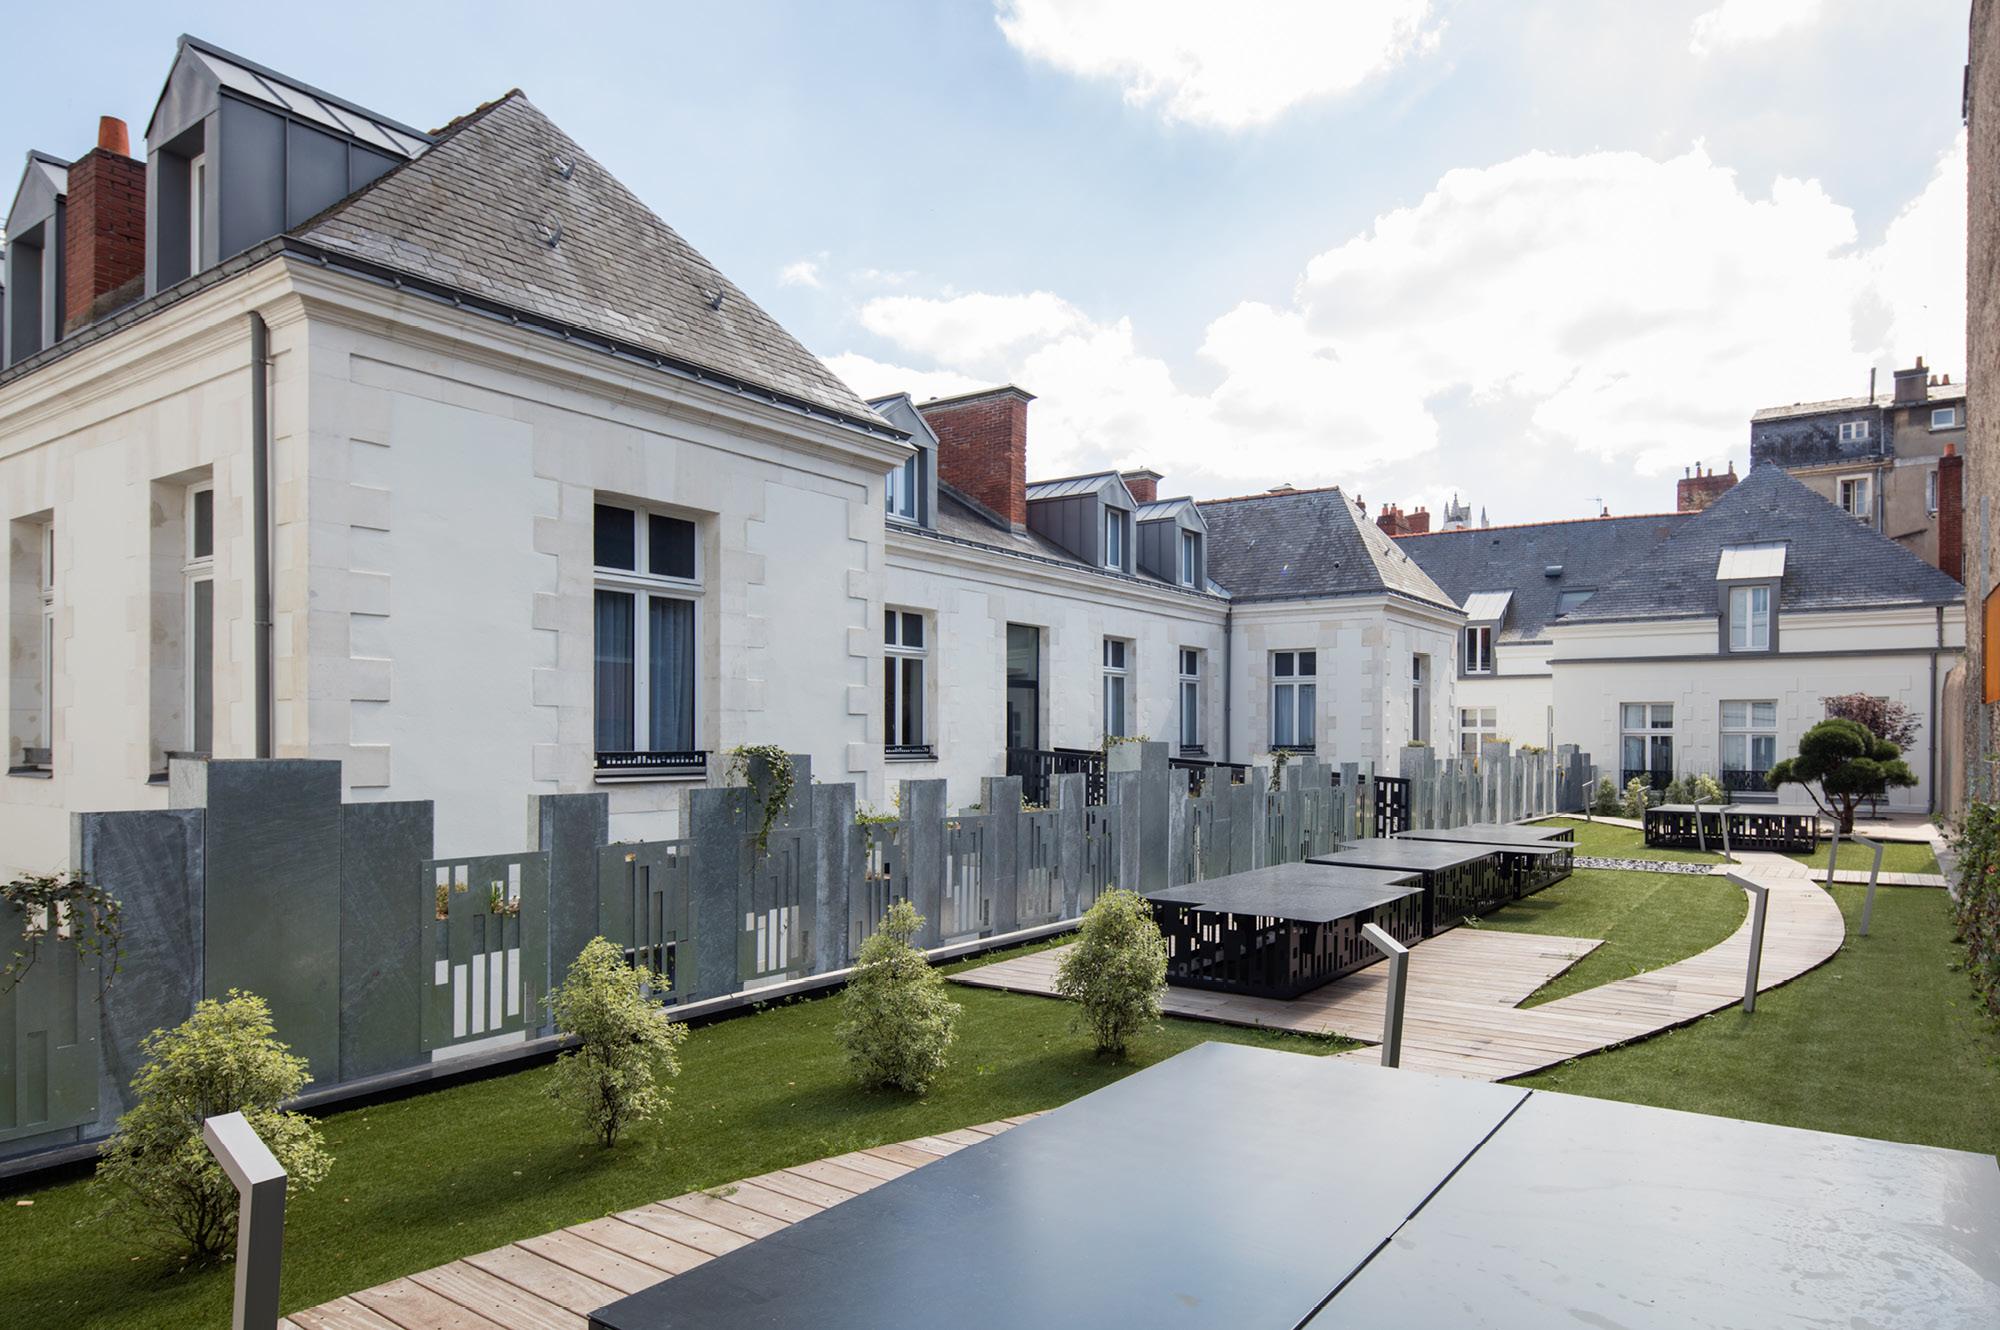 100 Incroyable Concepts Le Carré Vert Nantes